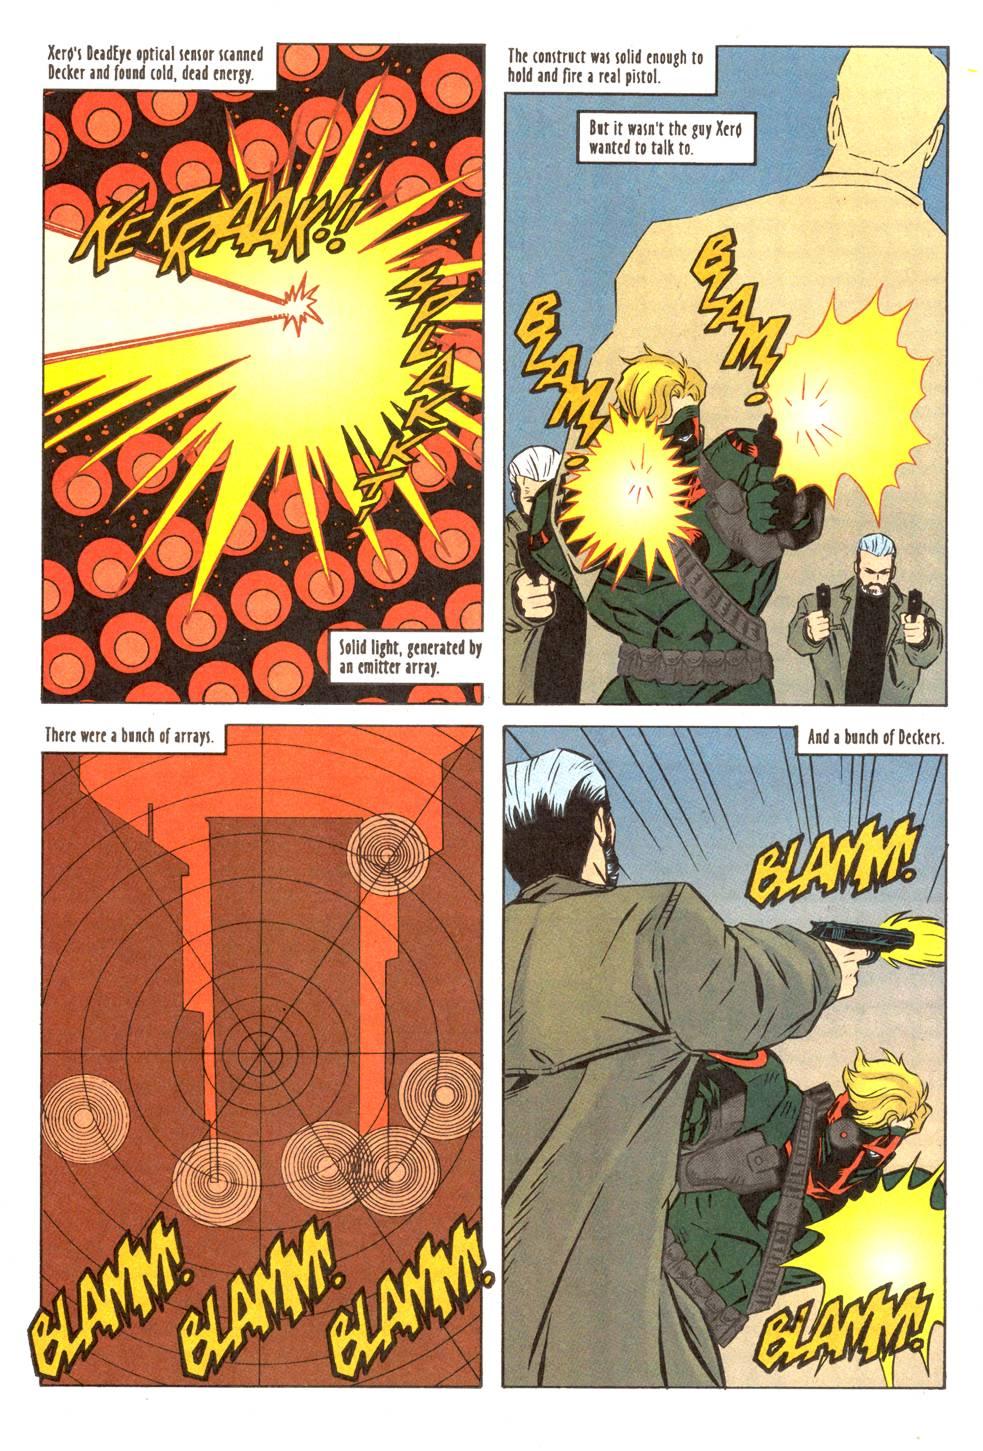 Read online Xero comic -  Issue #11 - 9